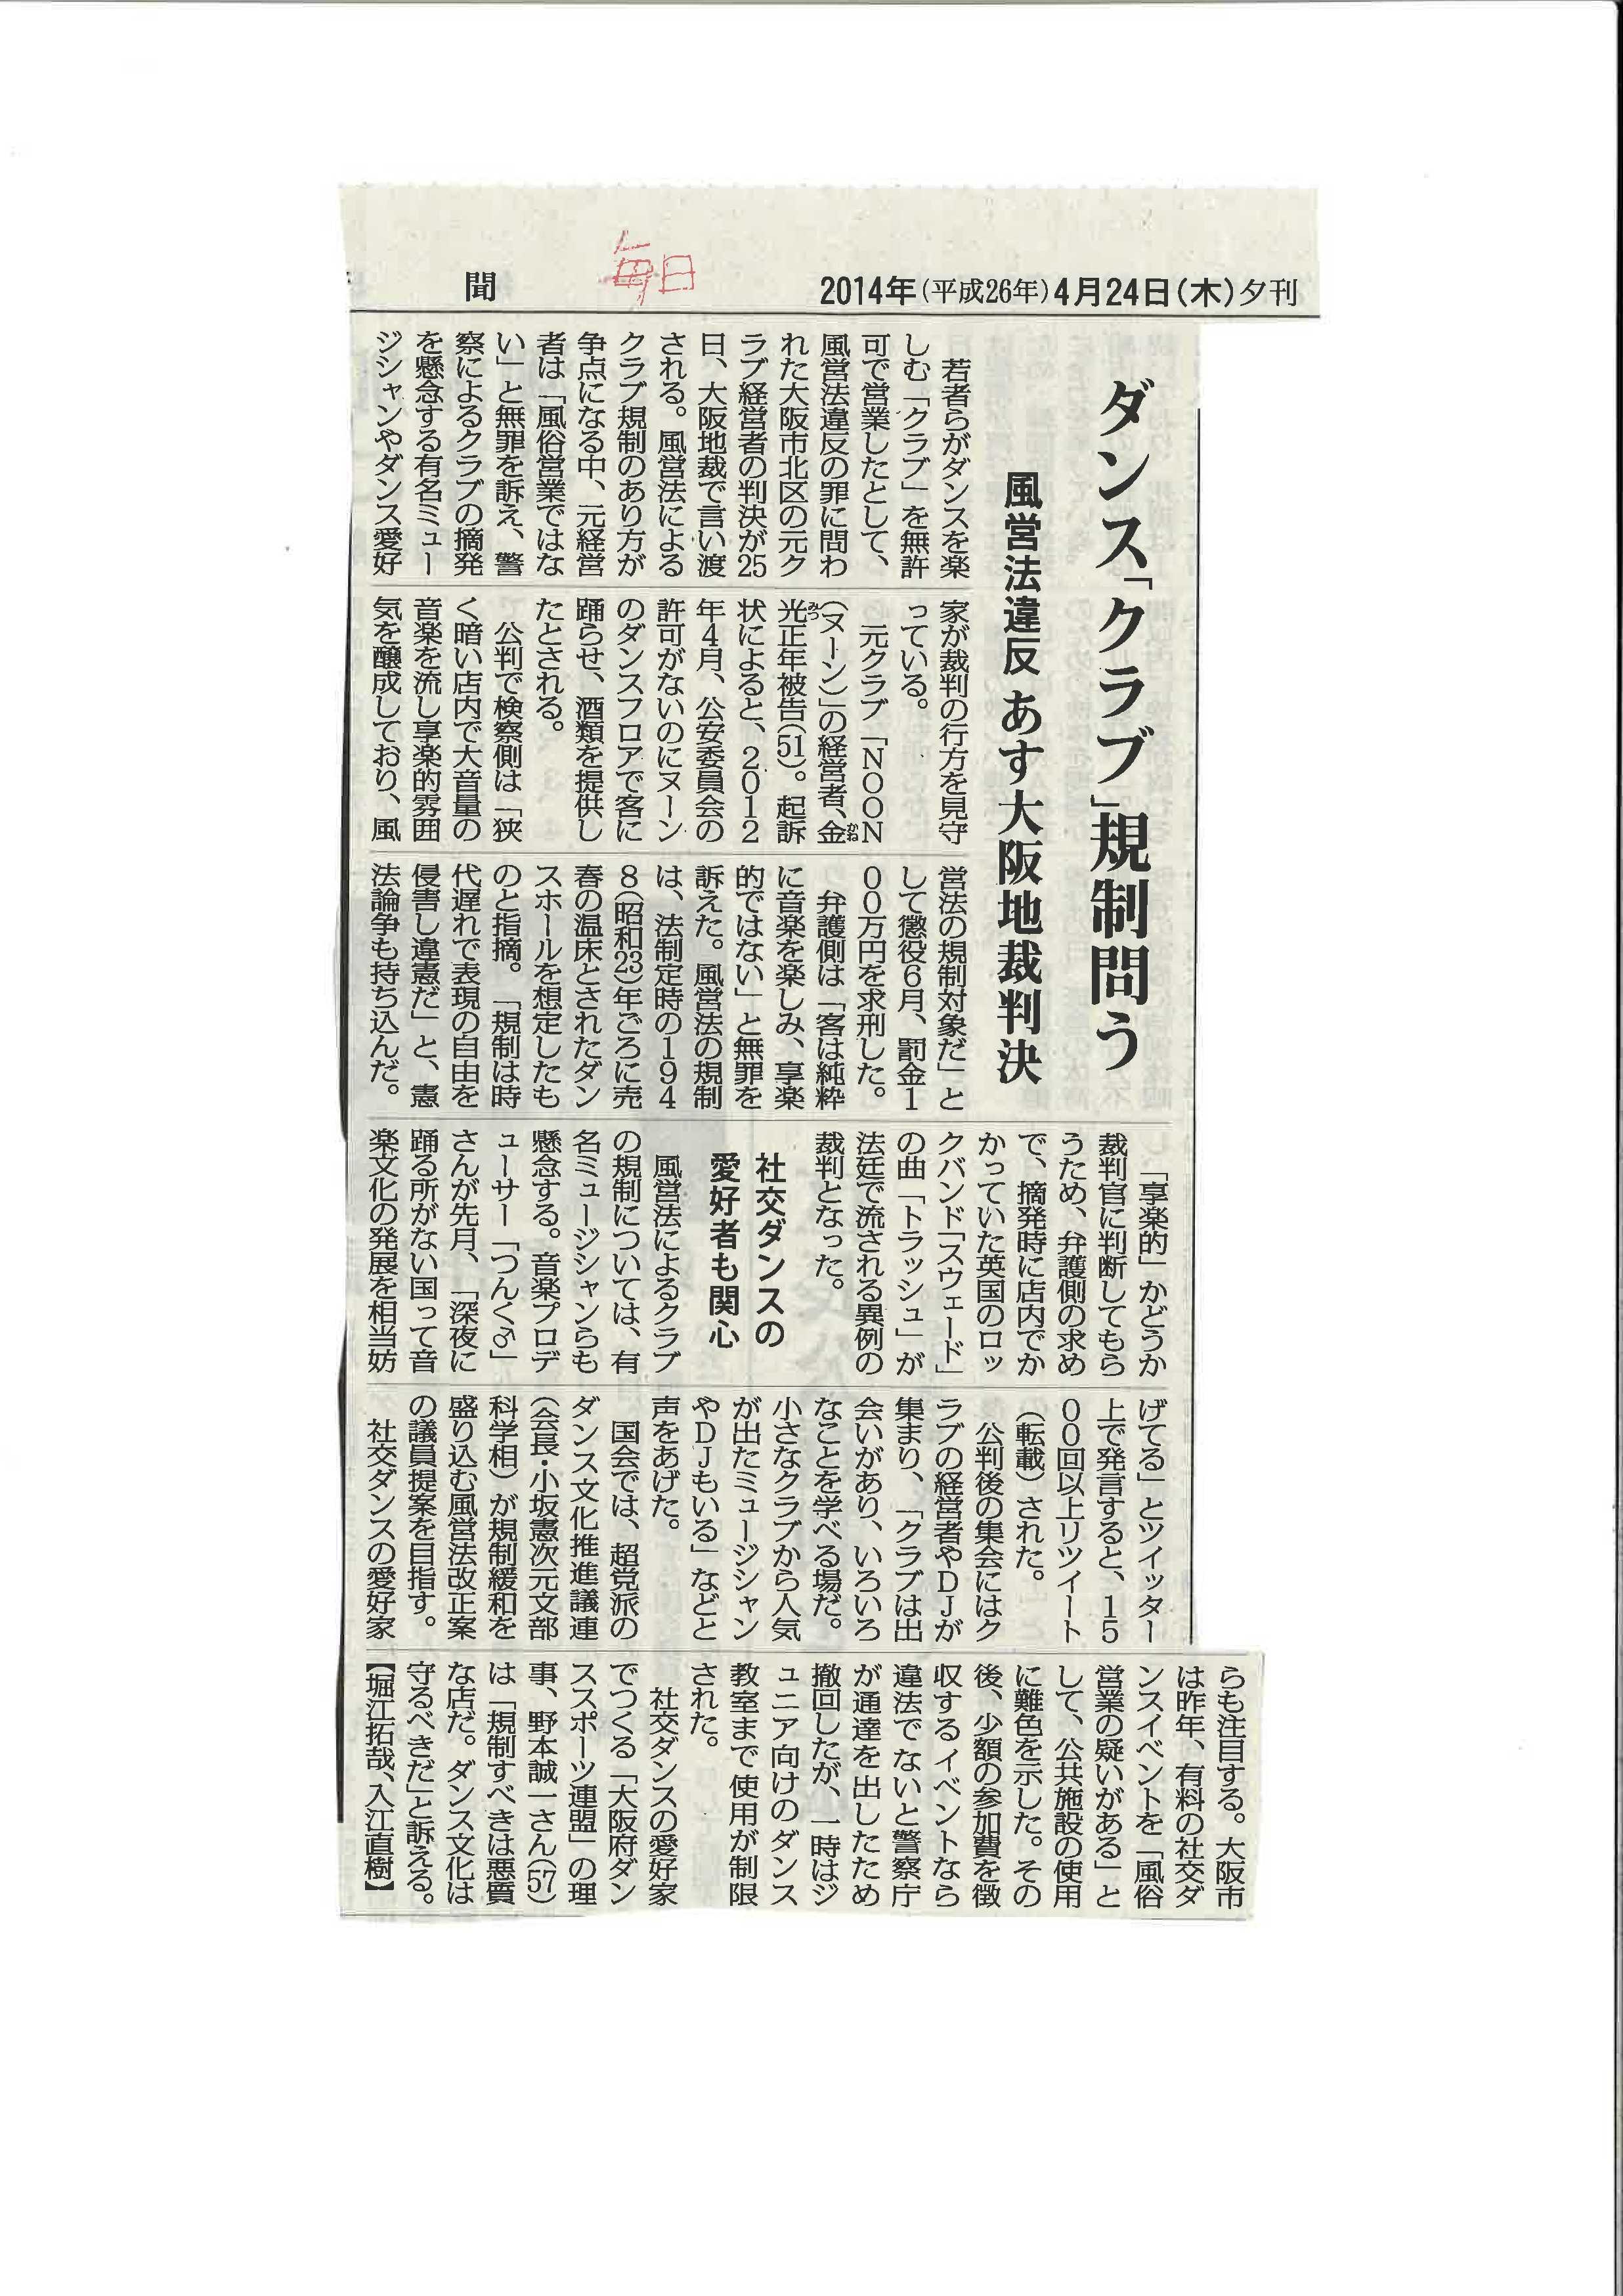 風俗営業3号許可(クラブ)ダンス規制「20140424ダンス「クラブ」規制問う」